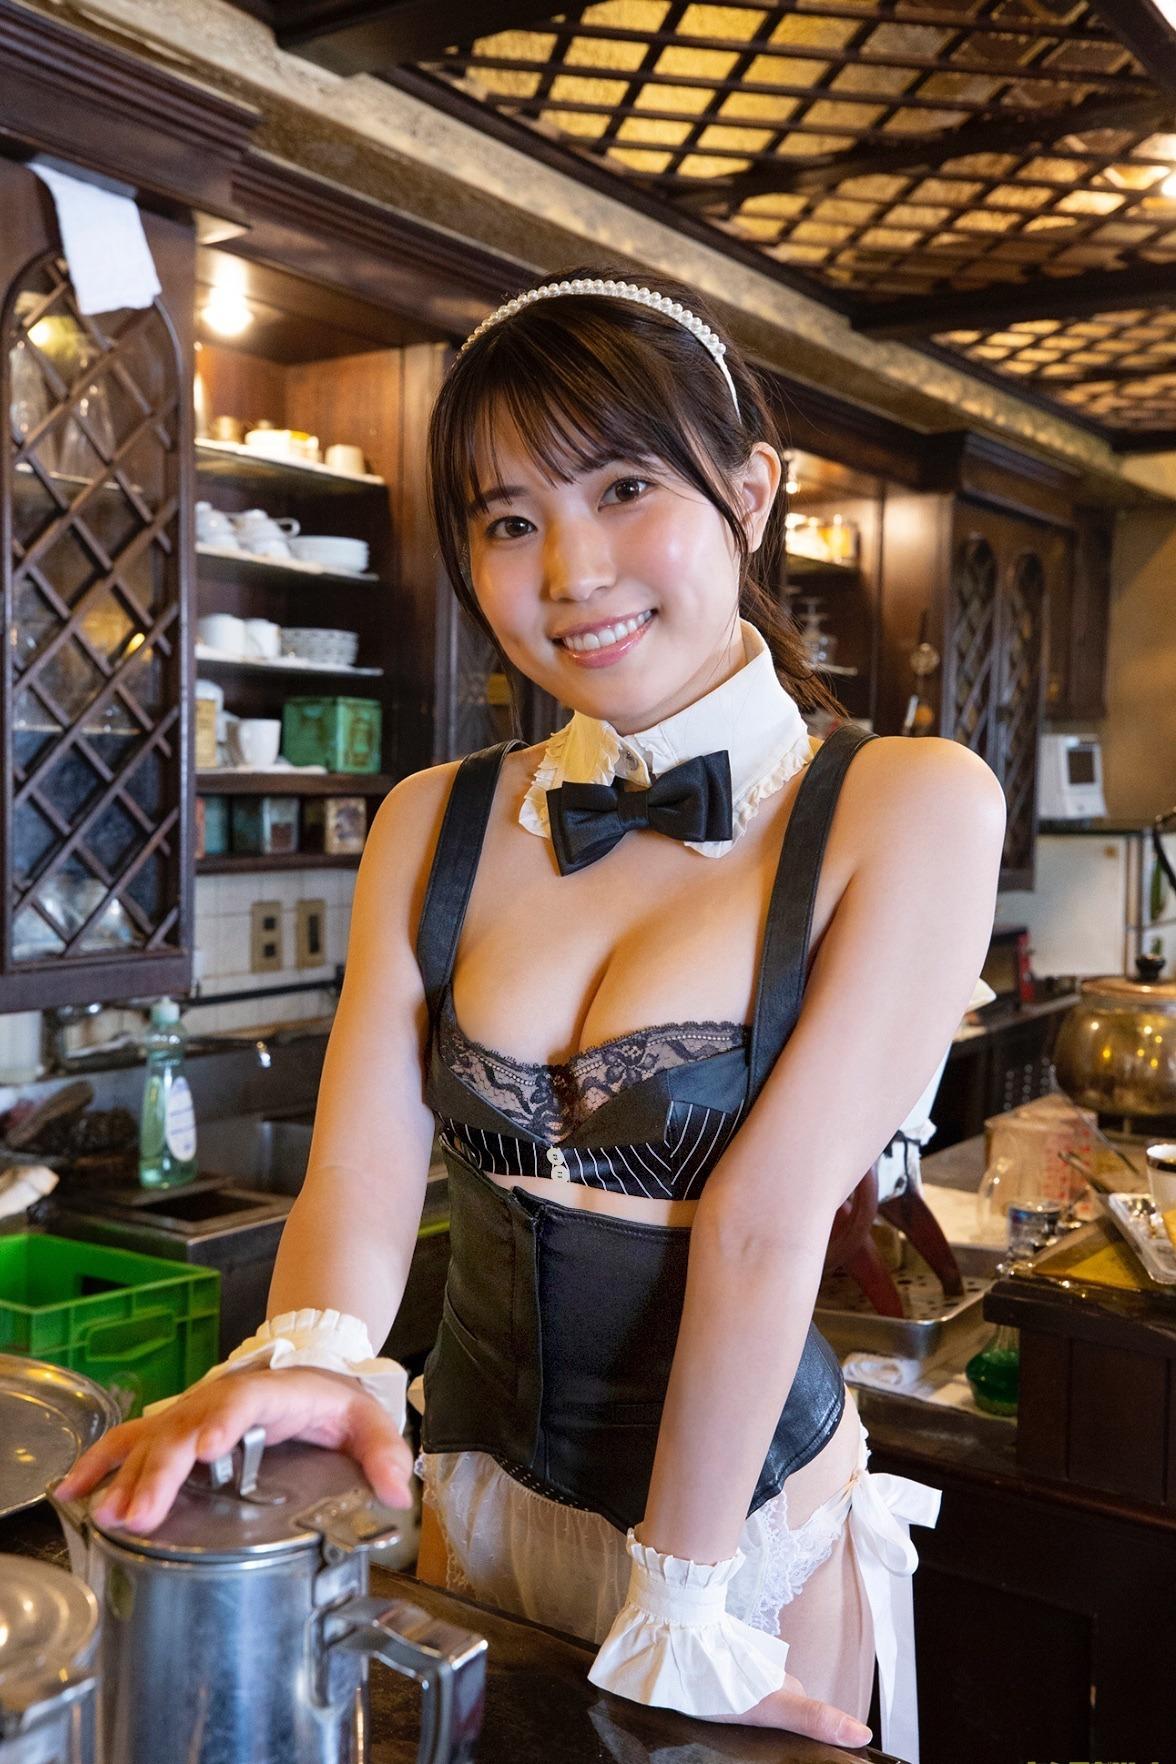 小身材 菠萝包-东瀛美女坂东遥推荐 养眼图片 第32张